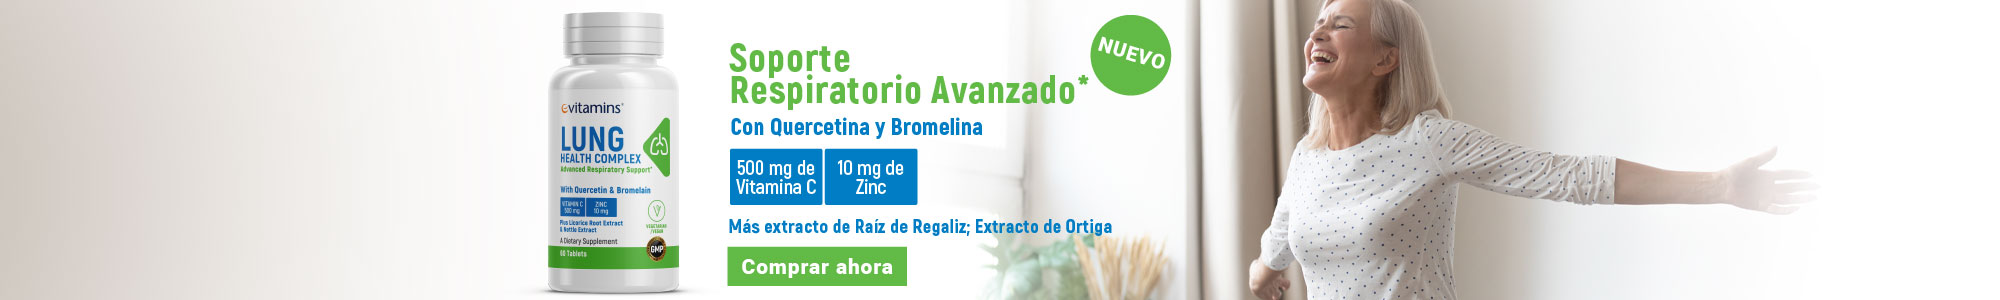 Soporte Respiratorio Avanzado* Con Quercetina y Bromelina 500 mg de Vitamina C, 10 mg de Zinc,  Más extracto de Raíz de Regaliz; Extracto de Ortiga Comprar ahora